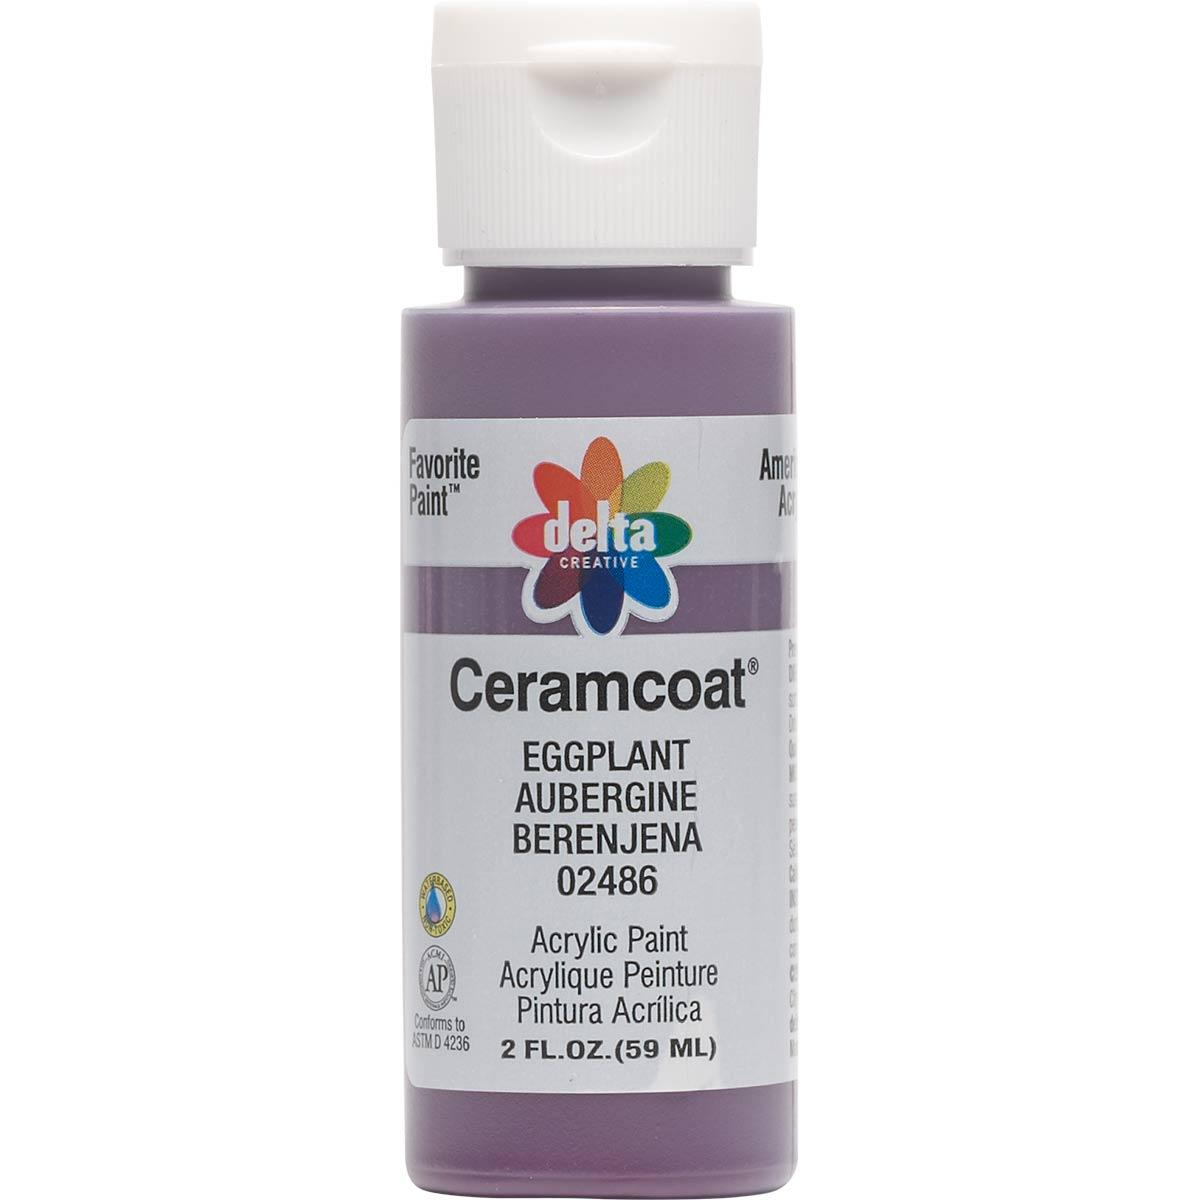 Delta Ceramcoat ® Acrylic Paint - Eggplant, 2 oz.